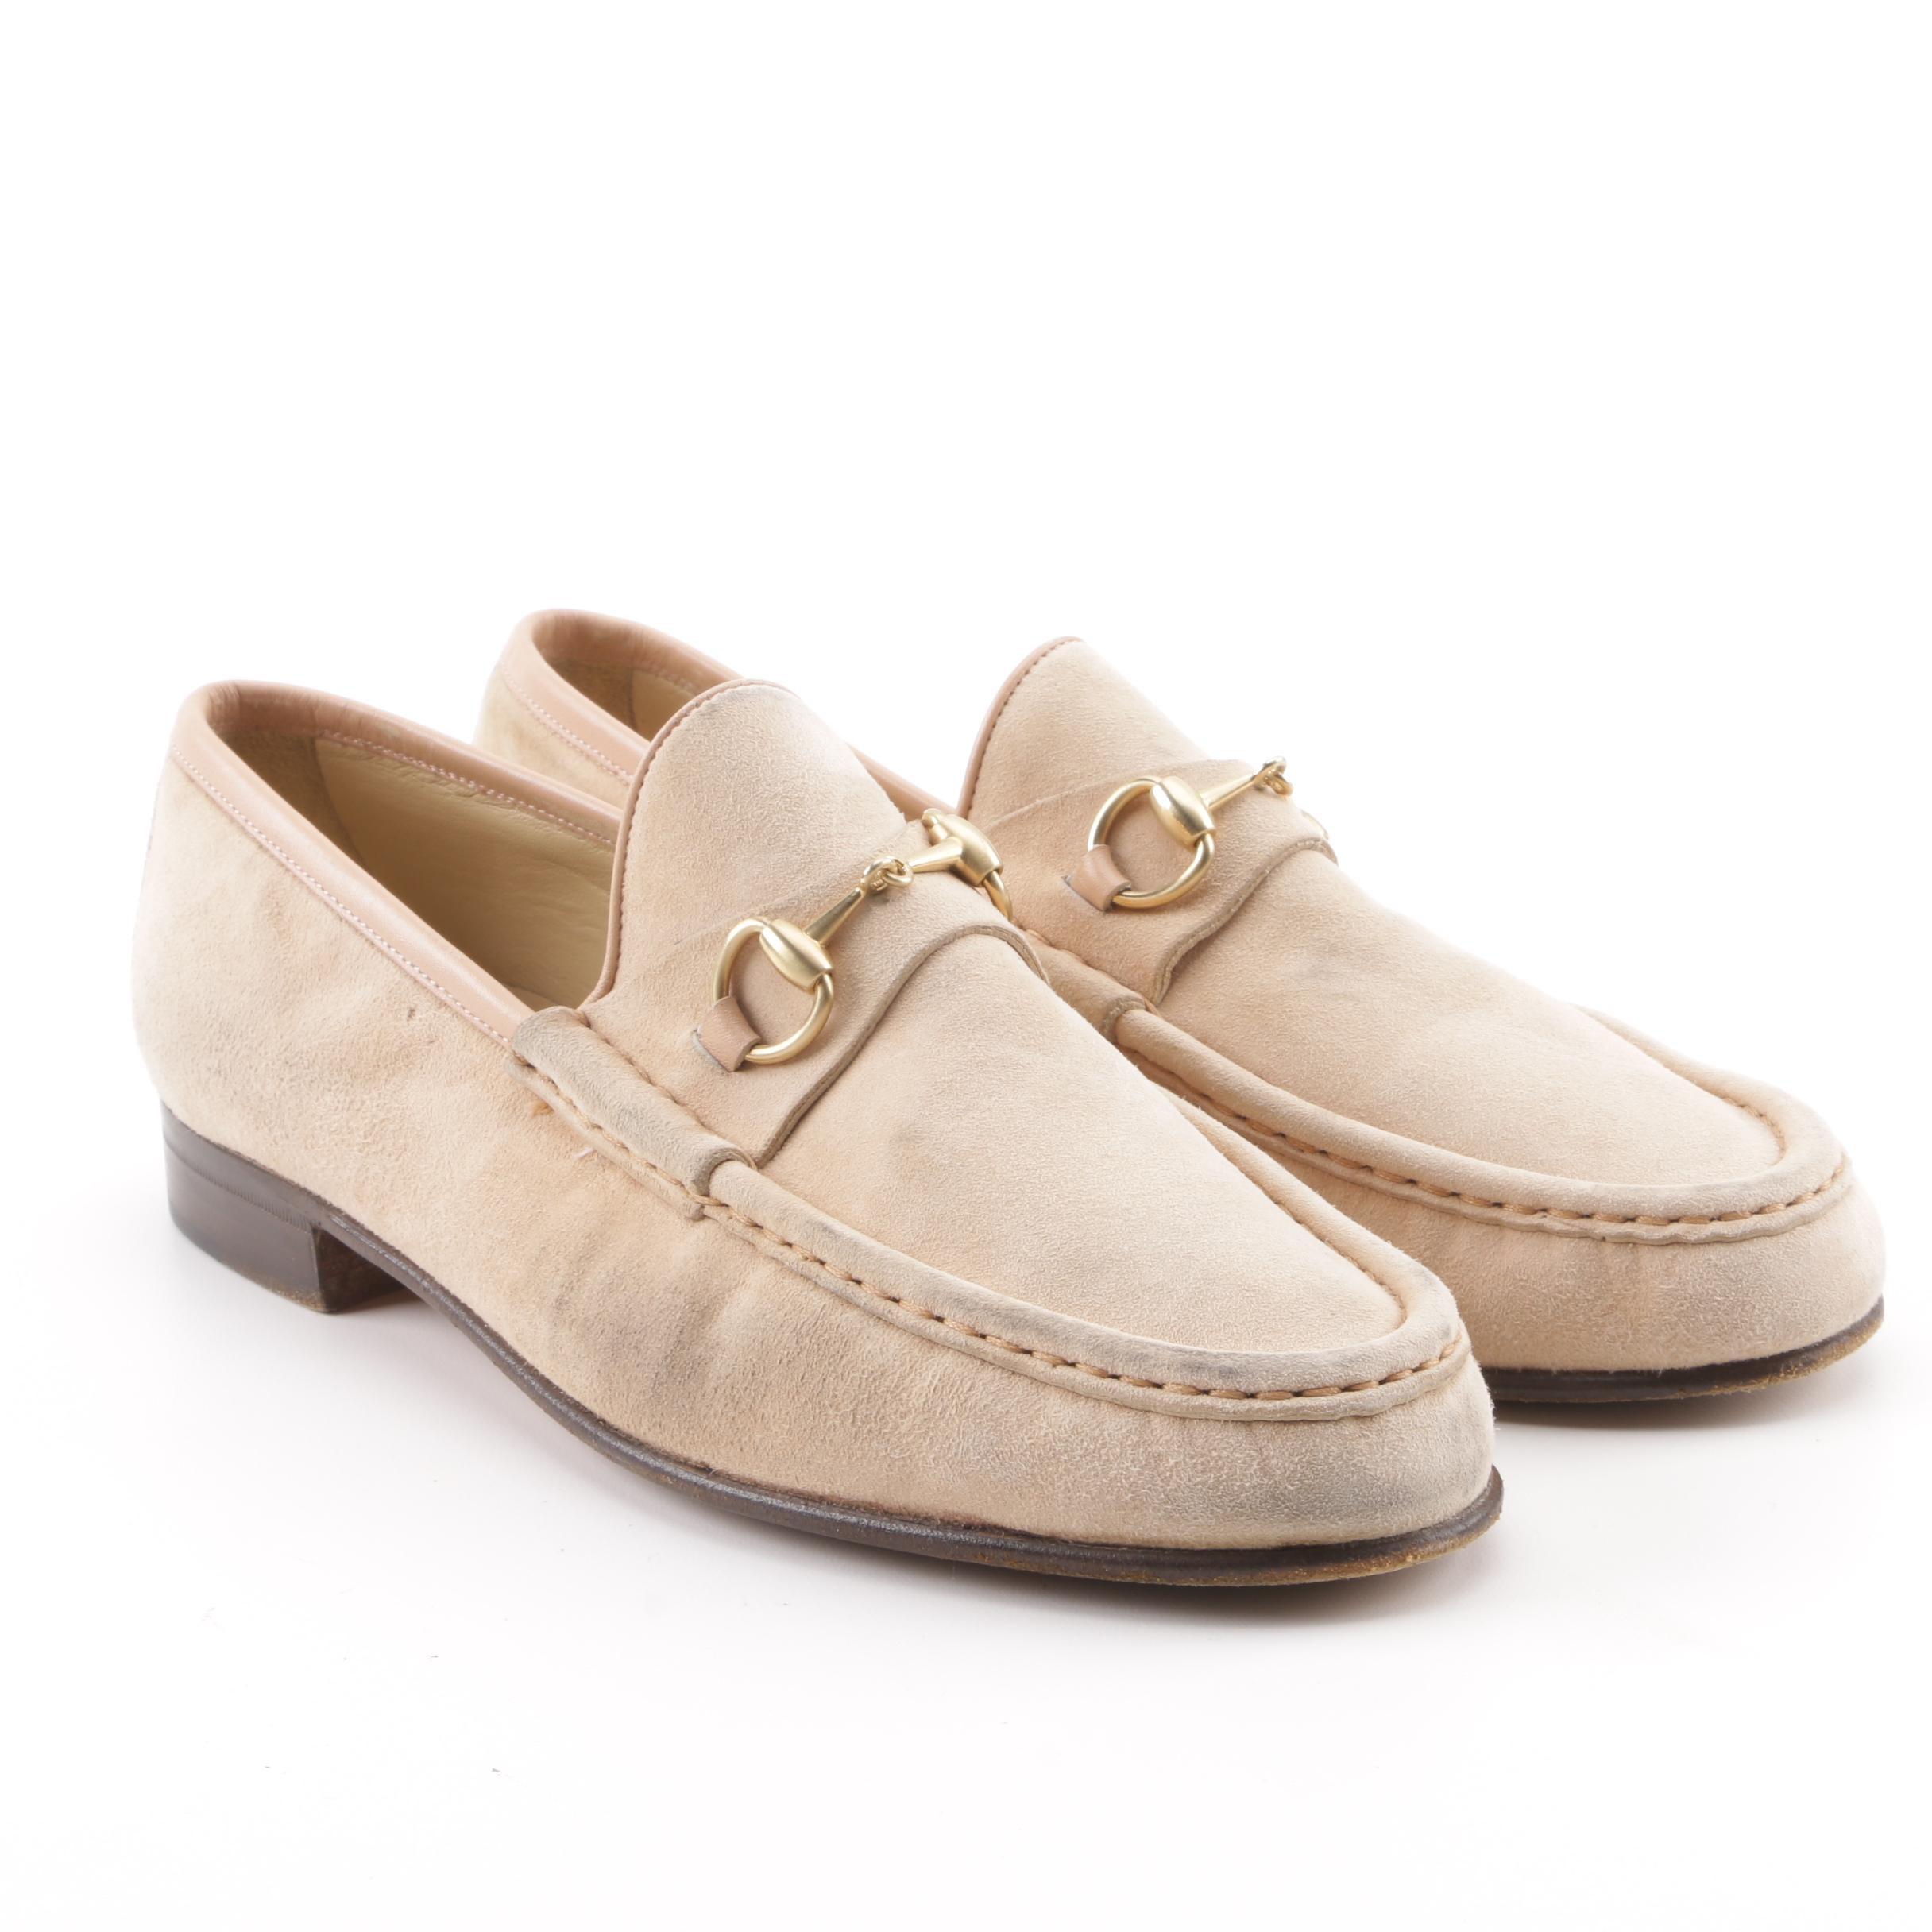 Gucci Horsebit Beige Suede Loafers